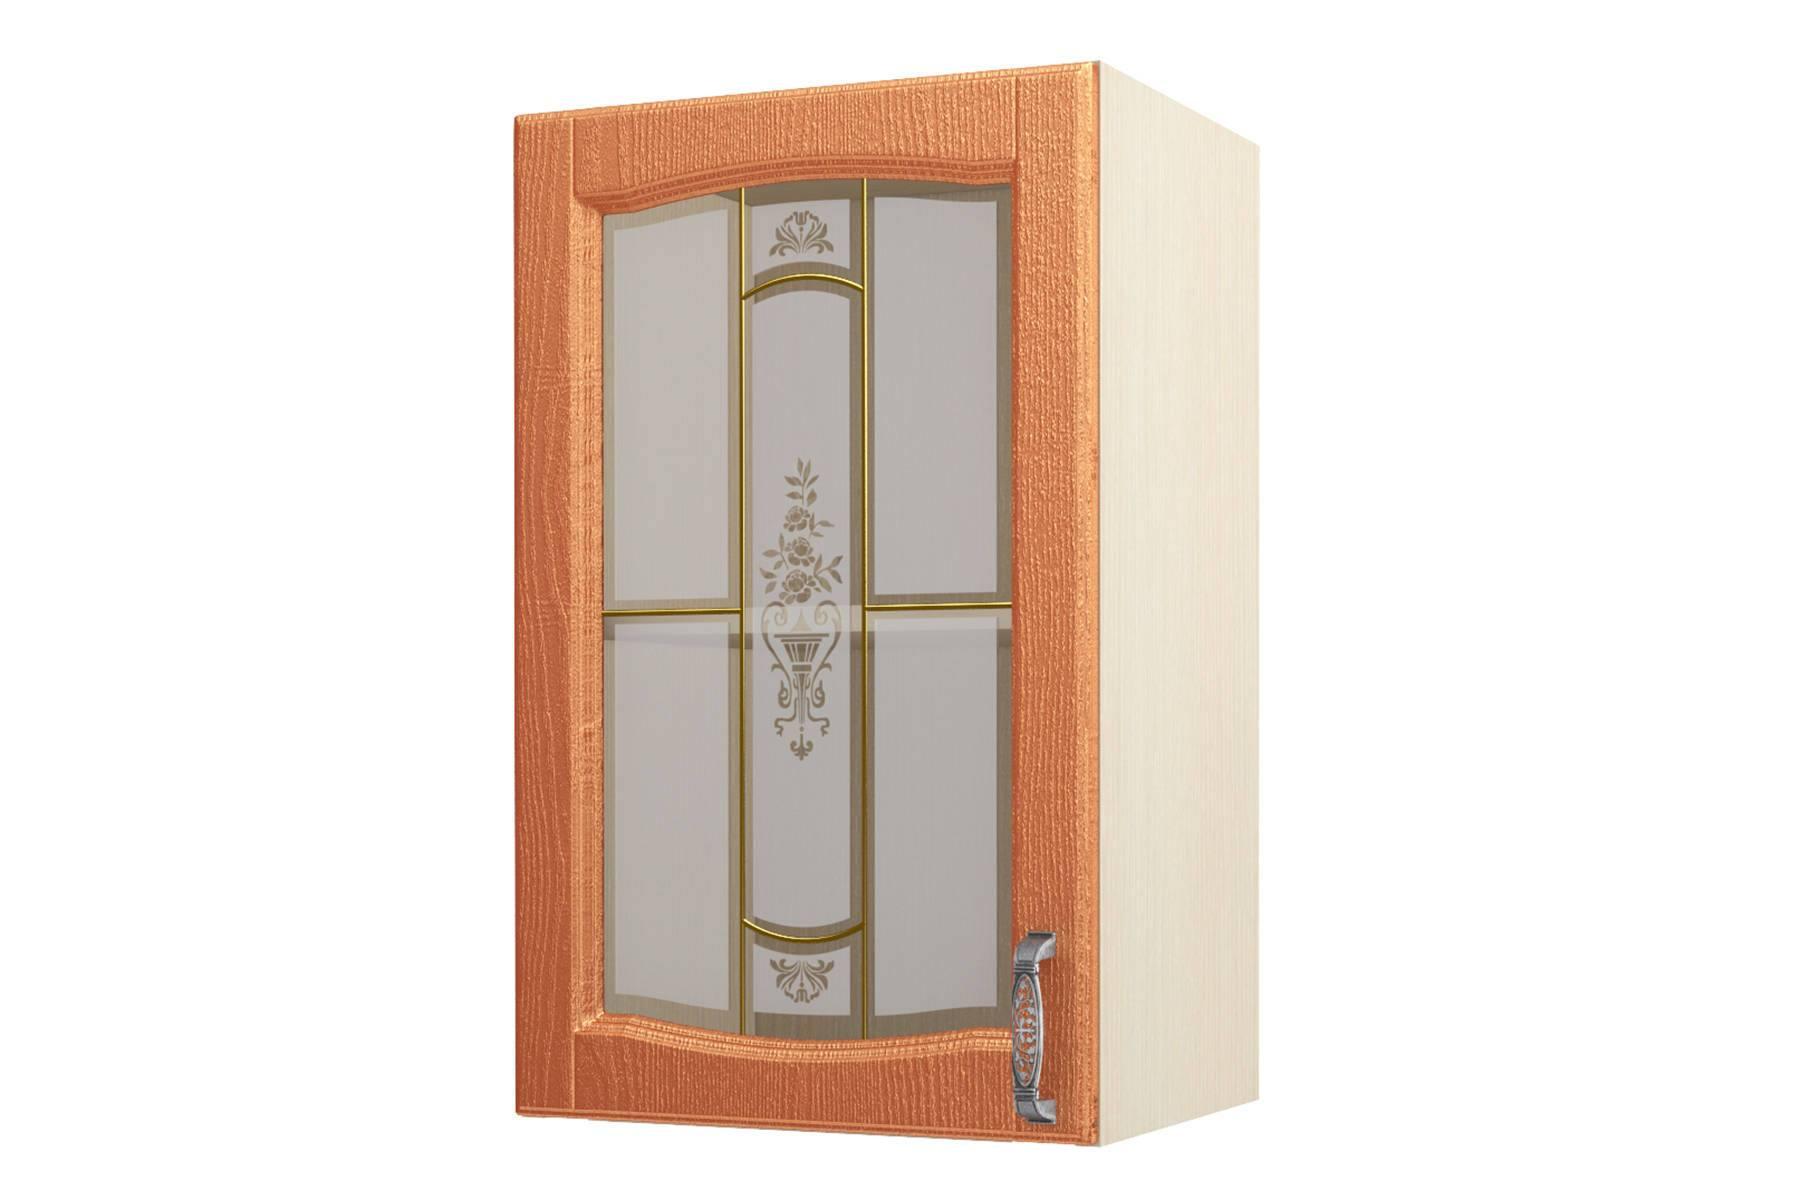 Равенна ART Шкаф-витрина 45, 1 дверь шкаф изотта 23к дверь правая ангстрем